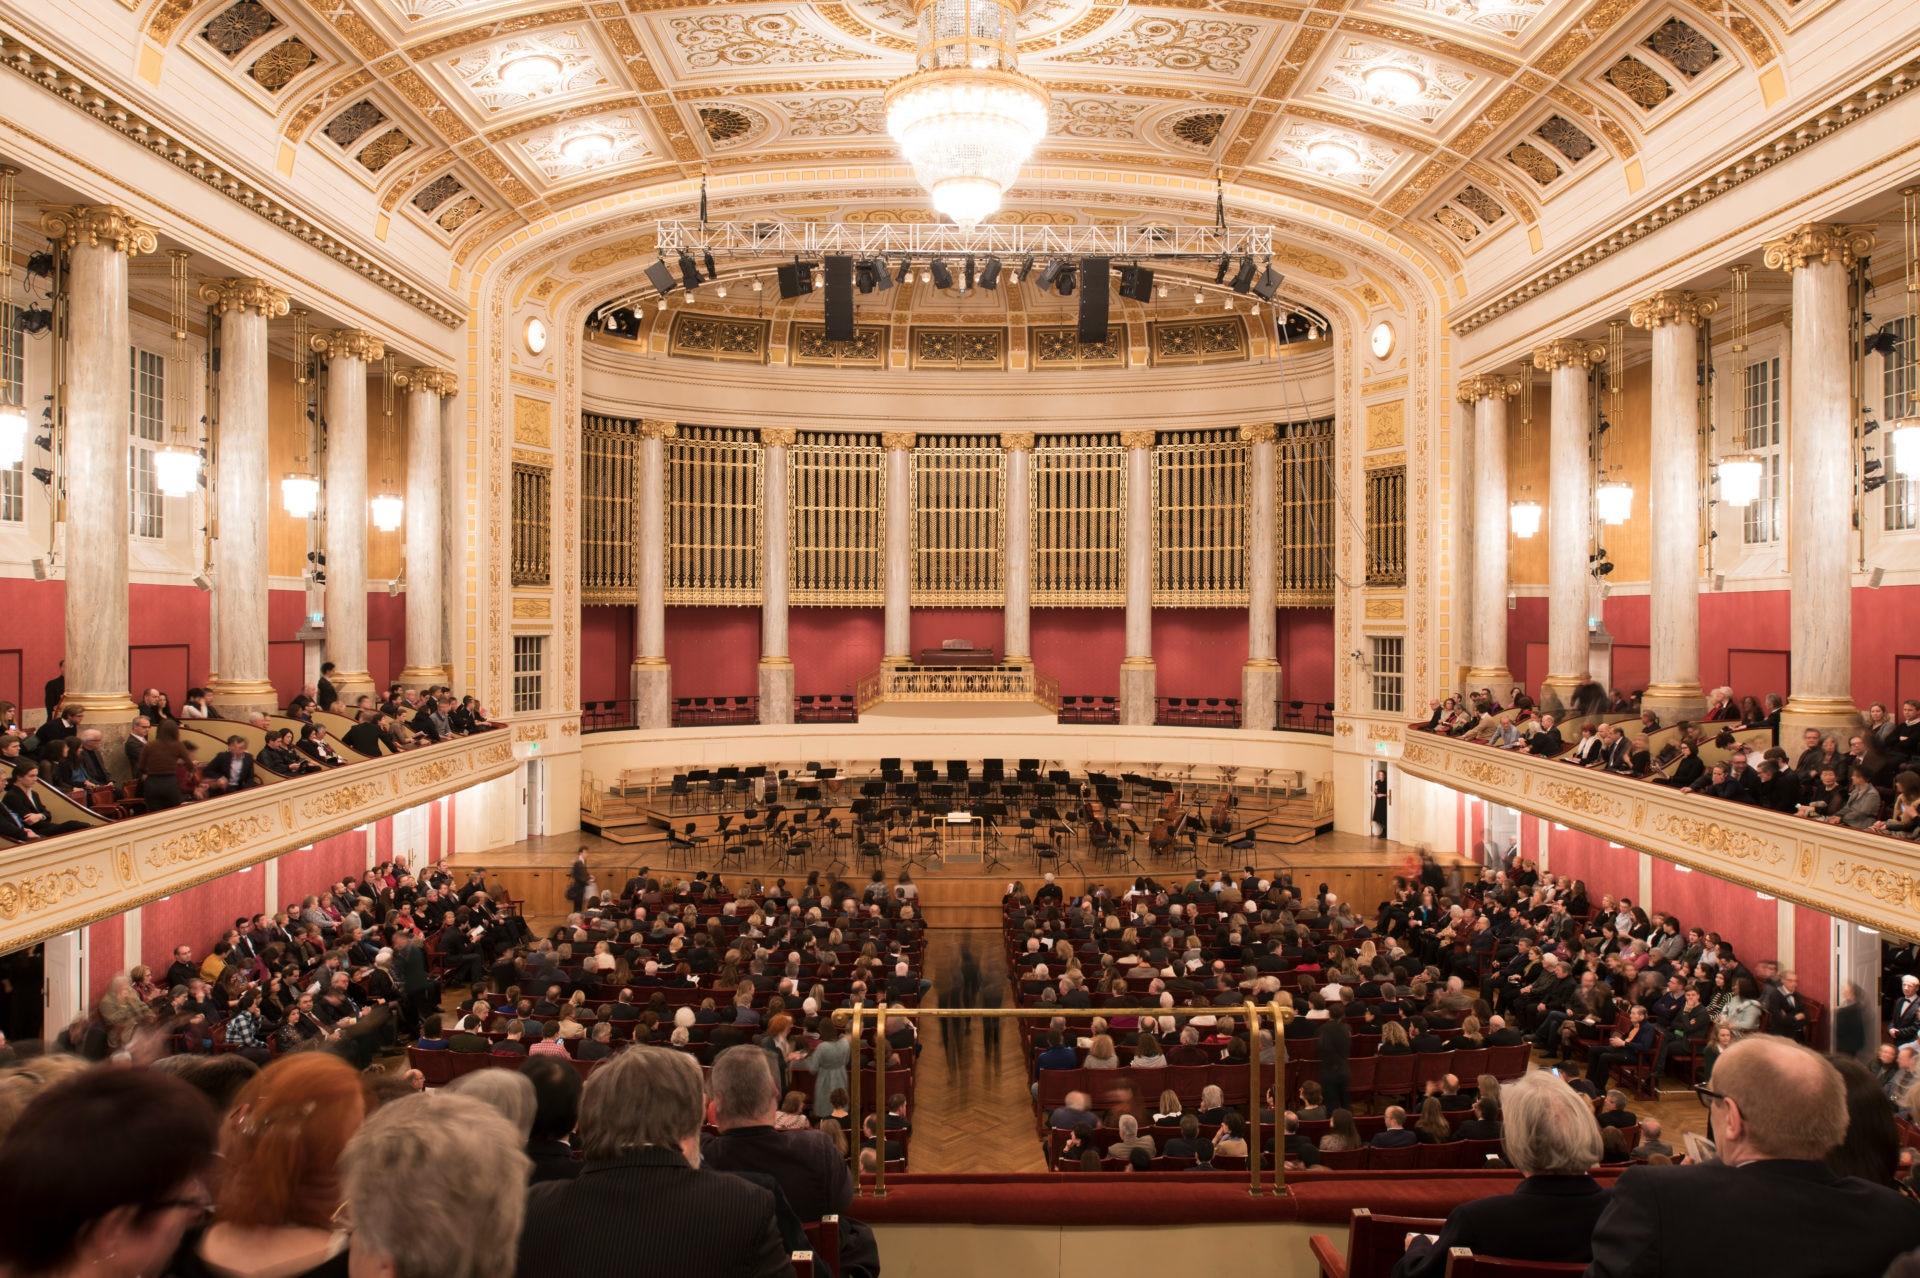 Wiener Konzerthaus verlängert Saison mit hochkarätigen Künstler:innen